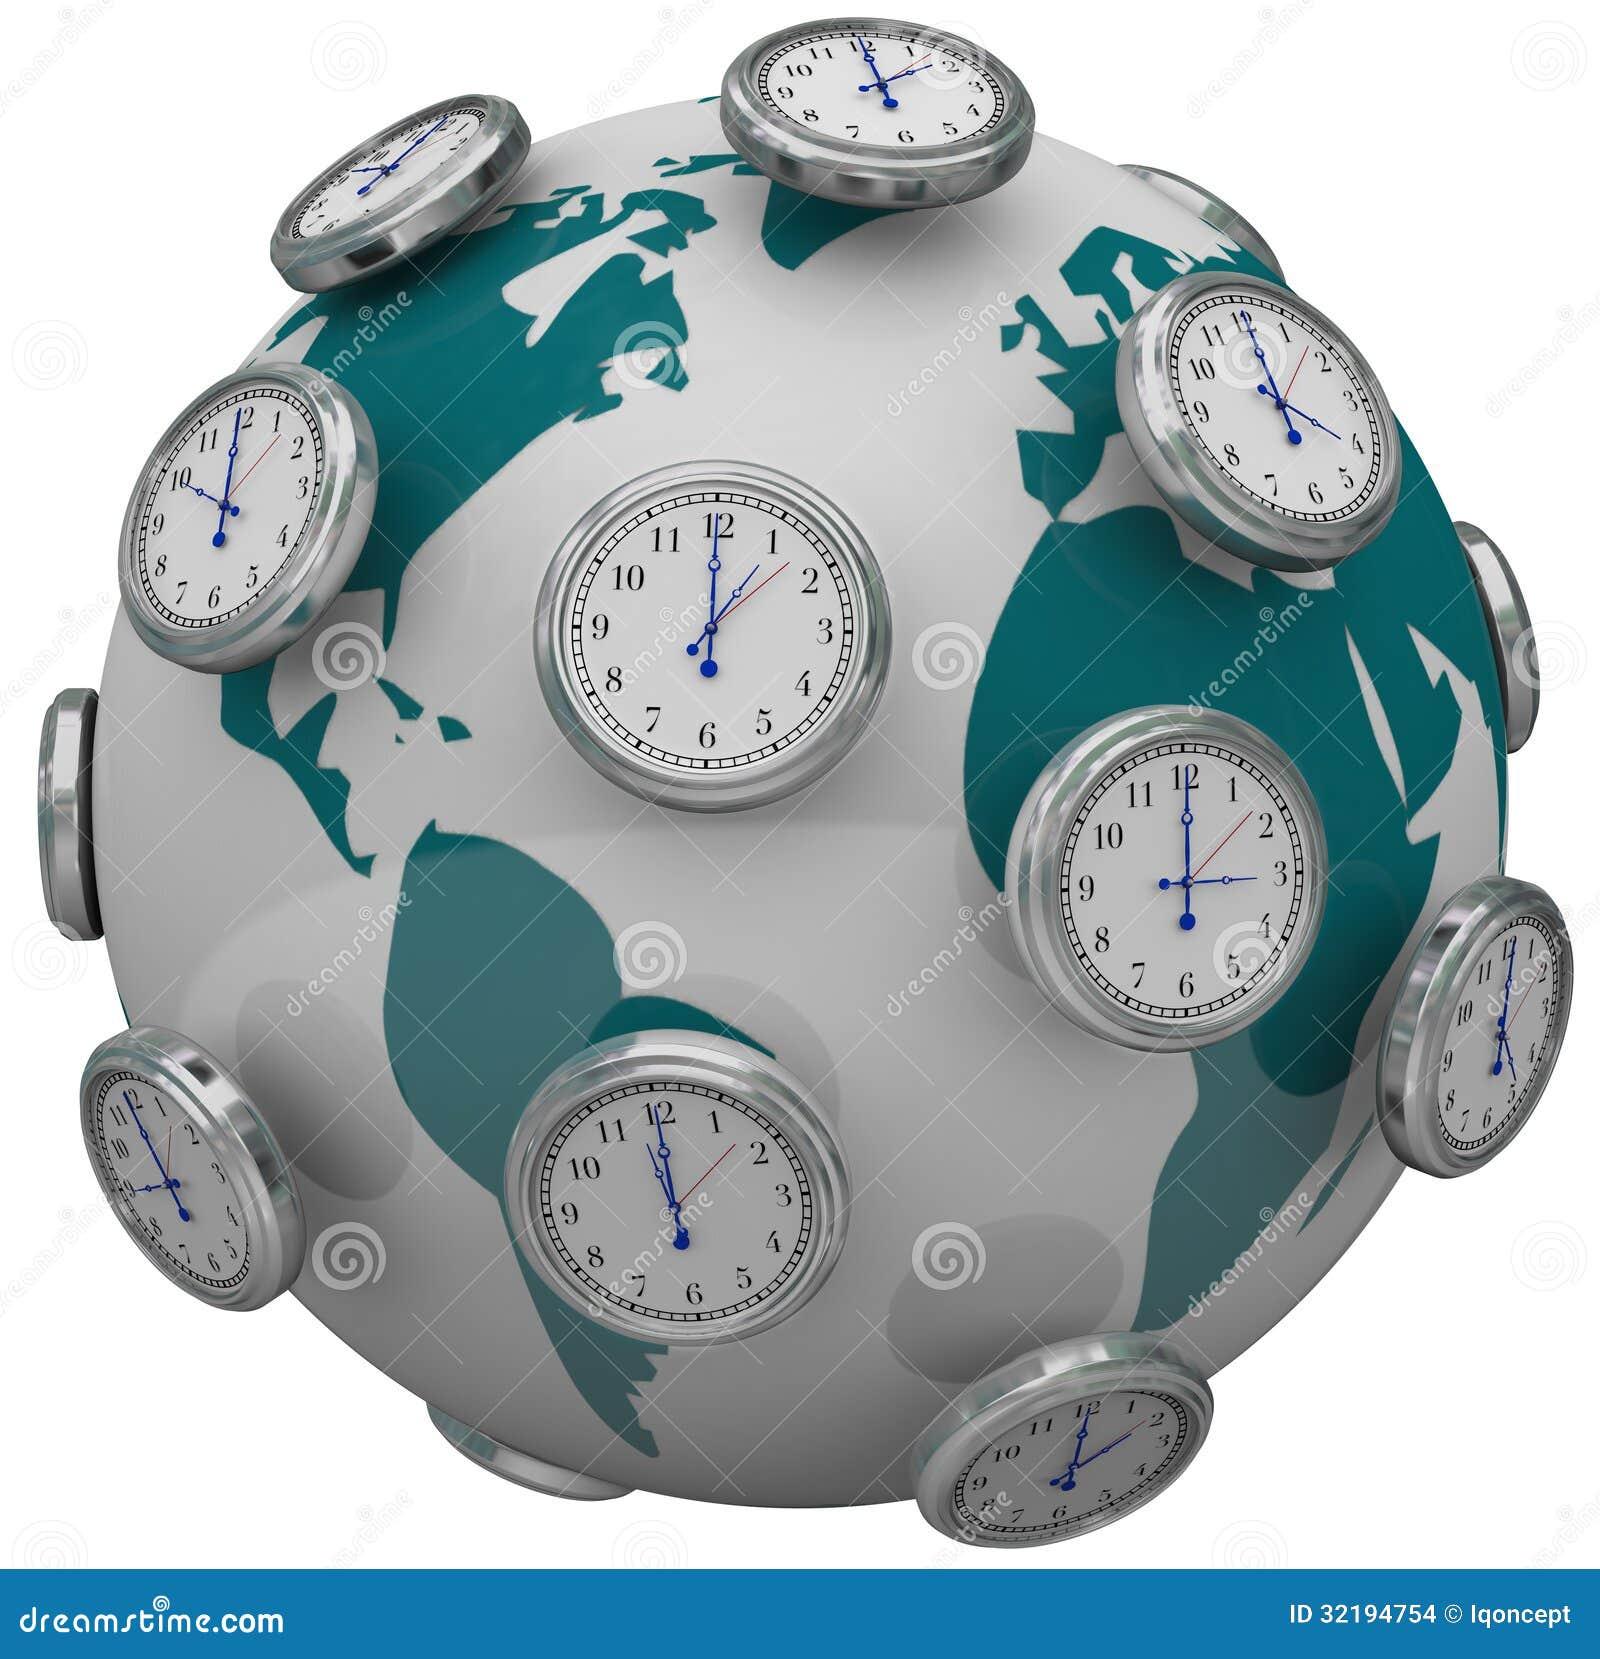 Relojes Horarias Viaje Zonas Internacionales Las De Del Alrededor Ok0P8nw